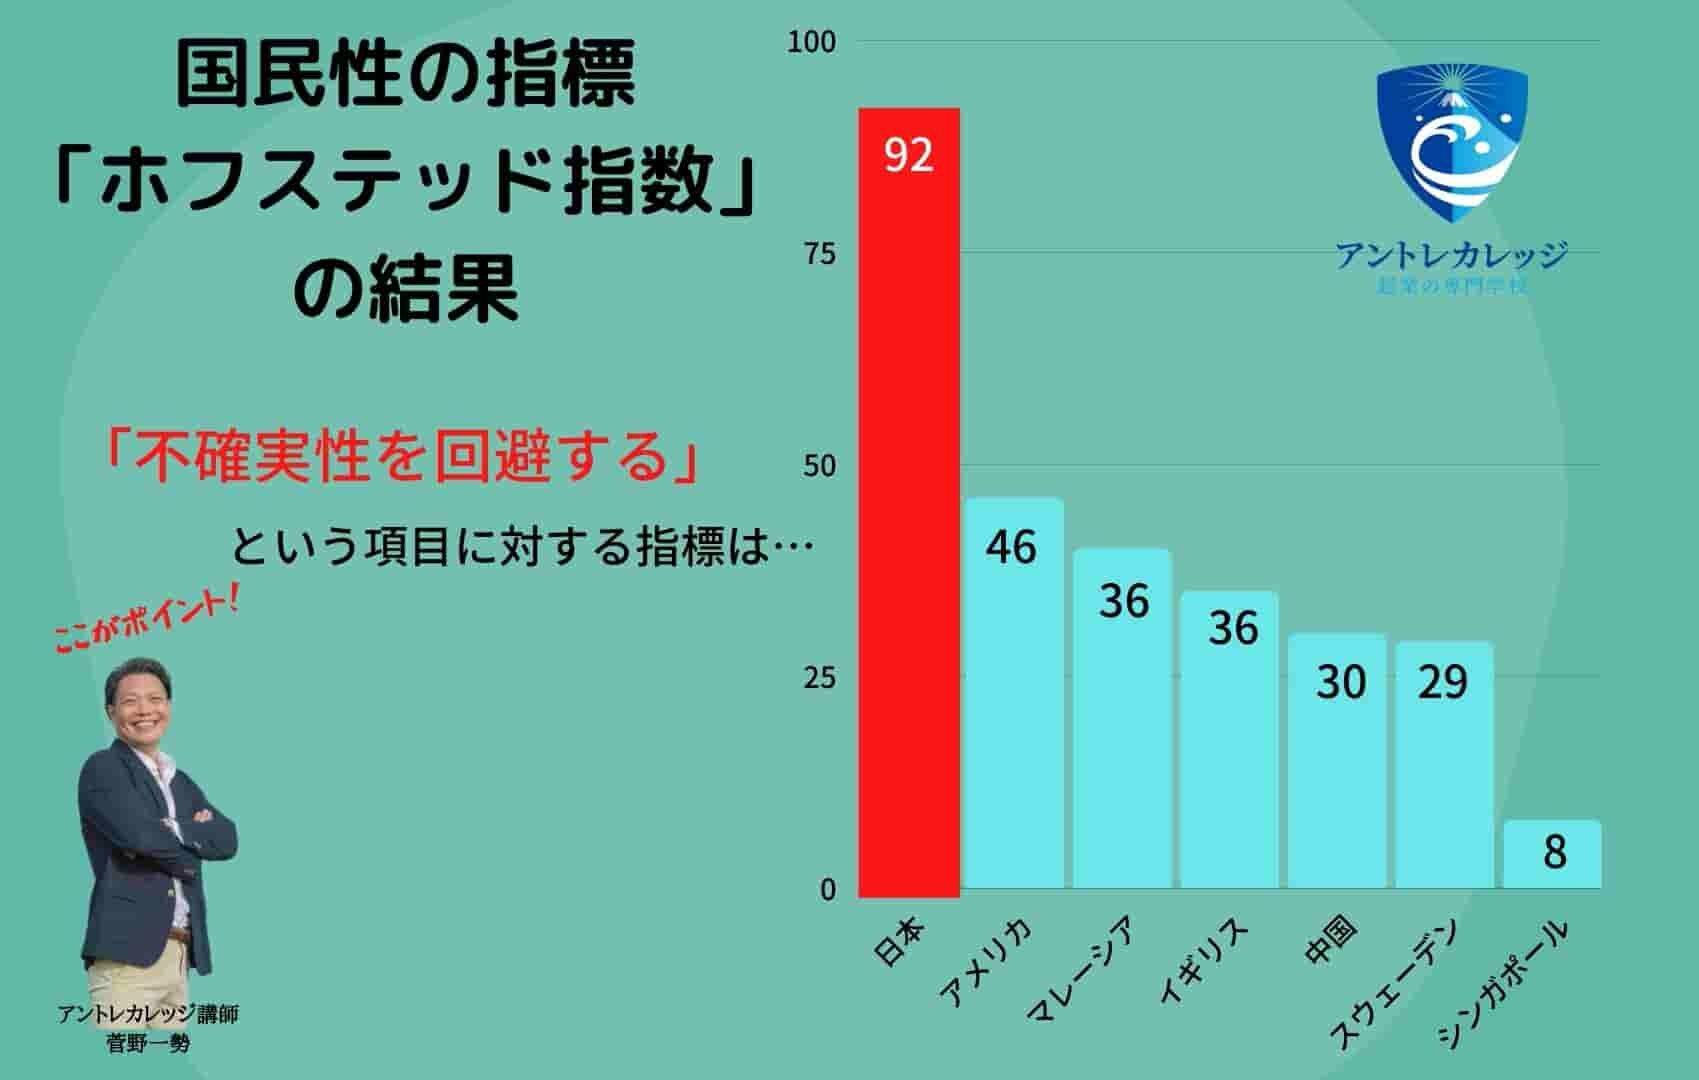 起業数 推移 日本 理由